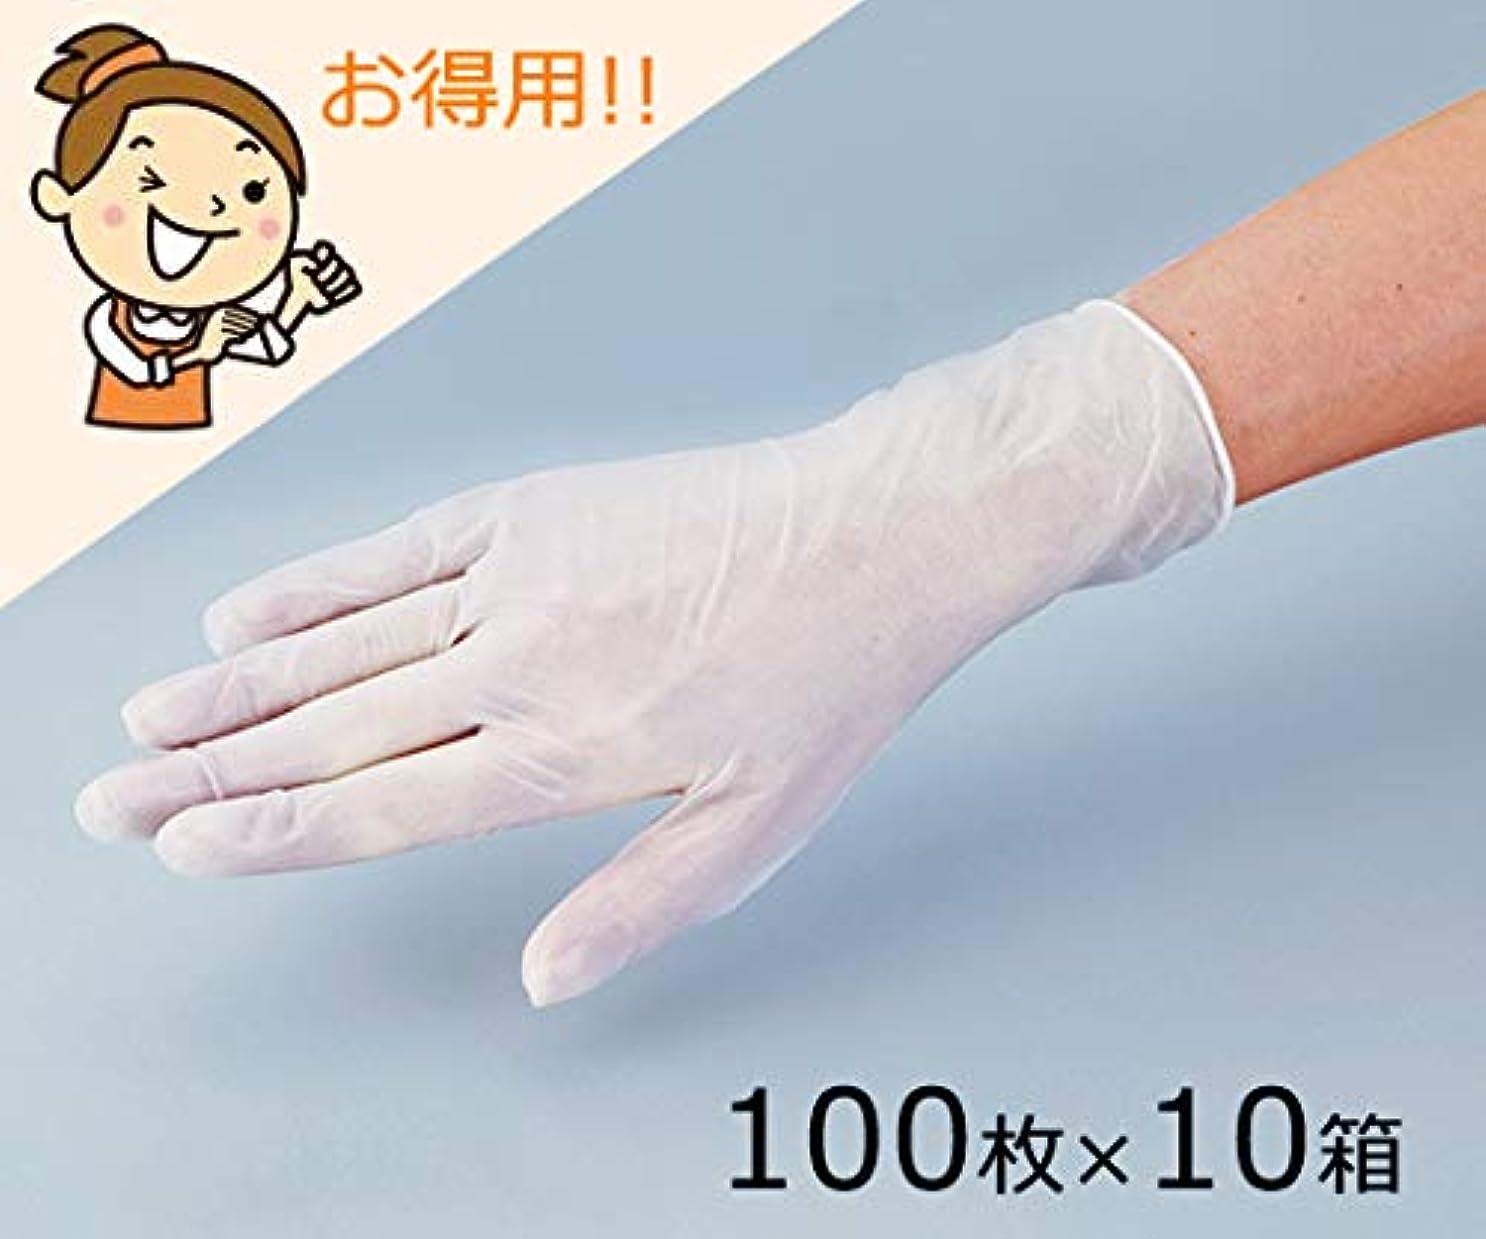 最高取り替えるパイントアズワン7-2396-12ケアプラスチック手袋(パウダーフリー)M1ケース(100枚/箱×10箱入)